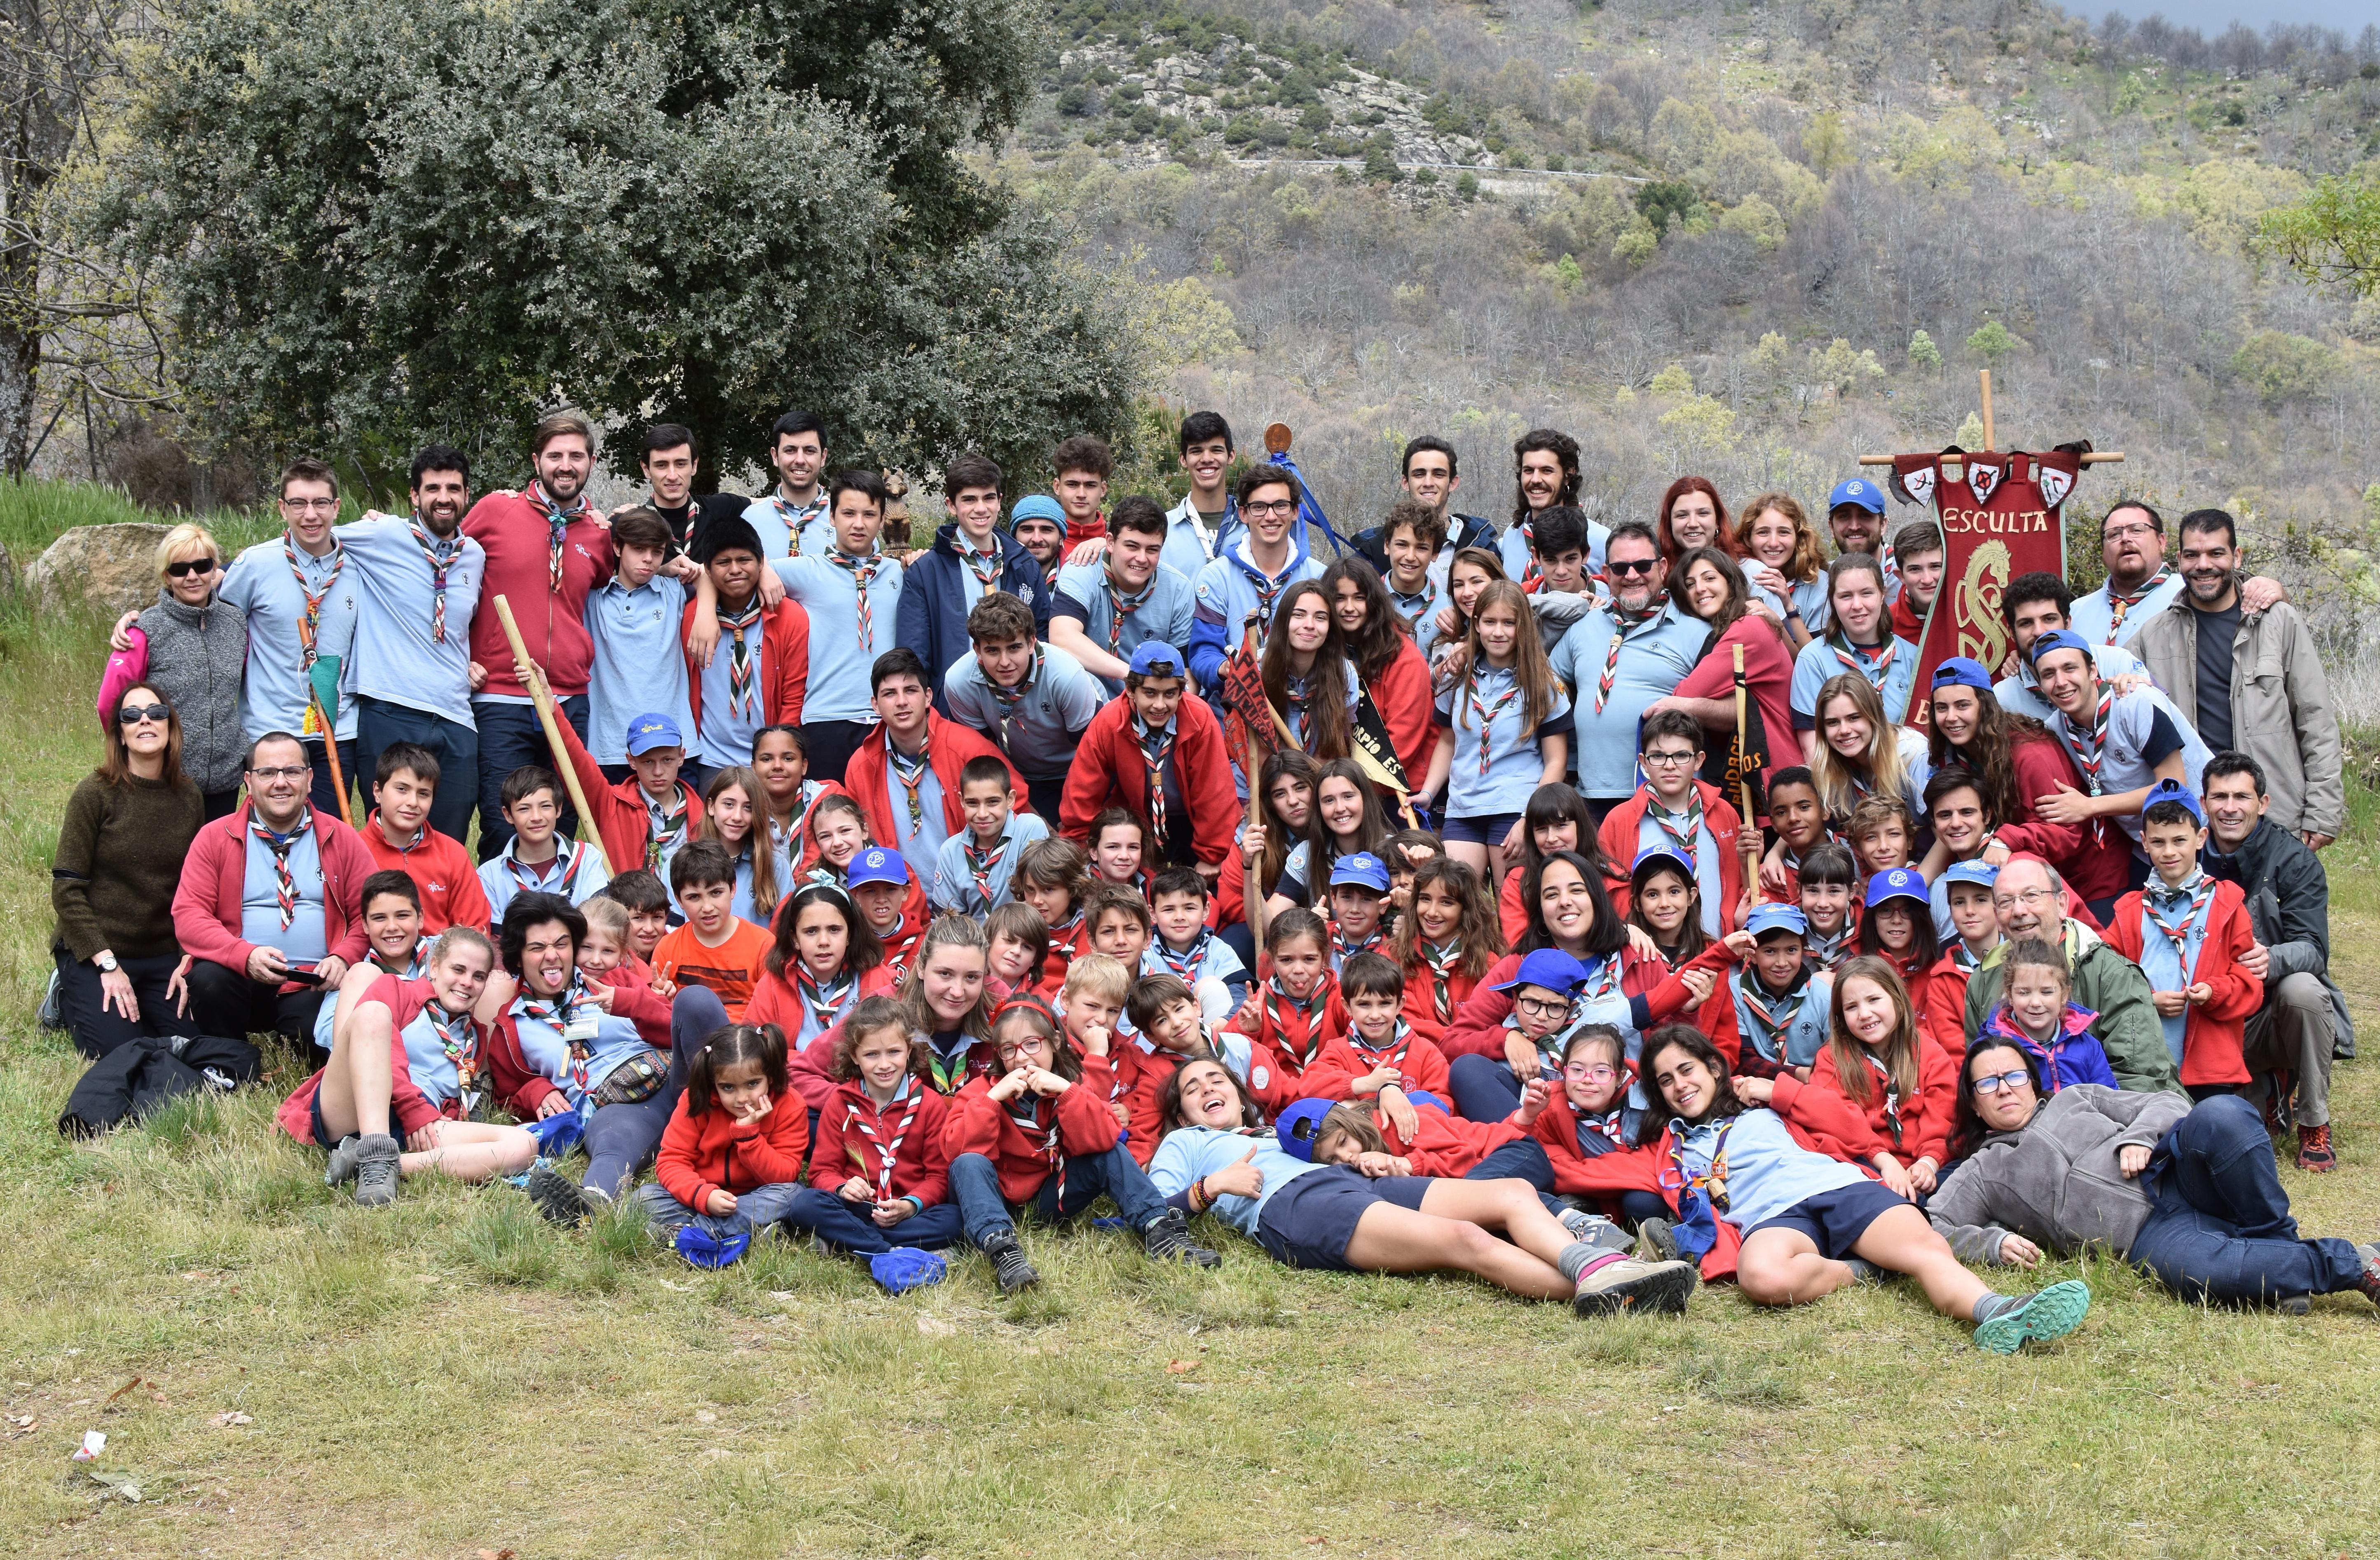 Asociación Grupo Scout Hesperia 456 Feliz San Jorge